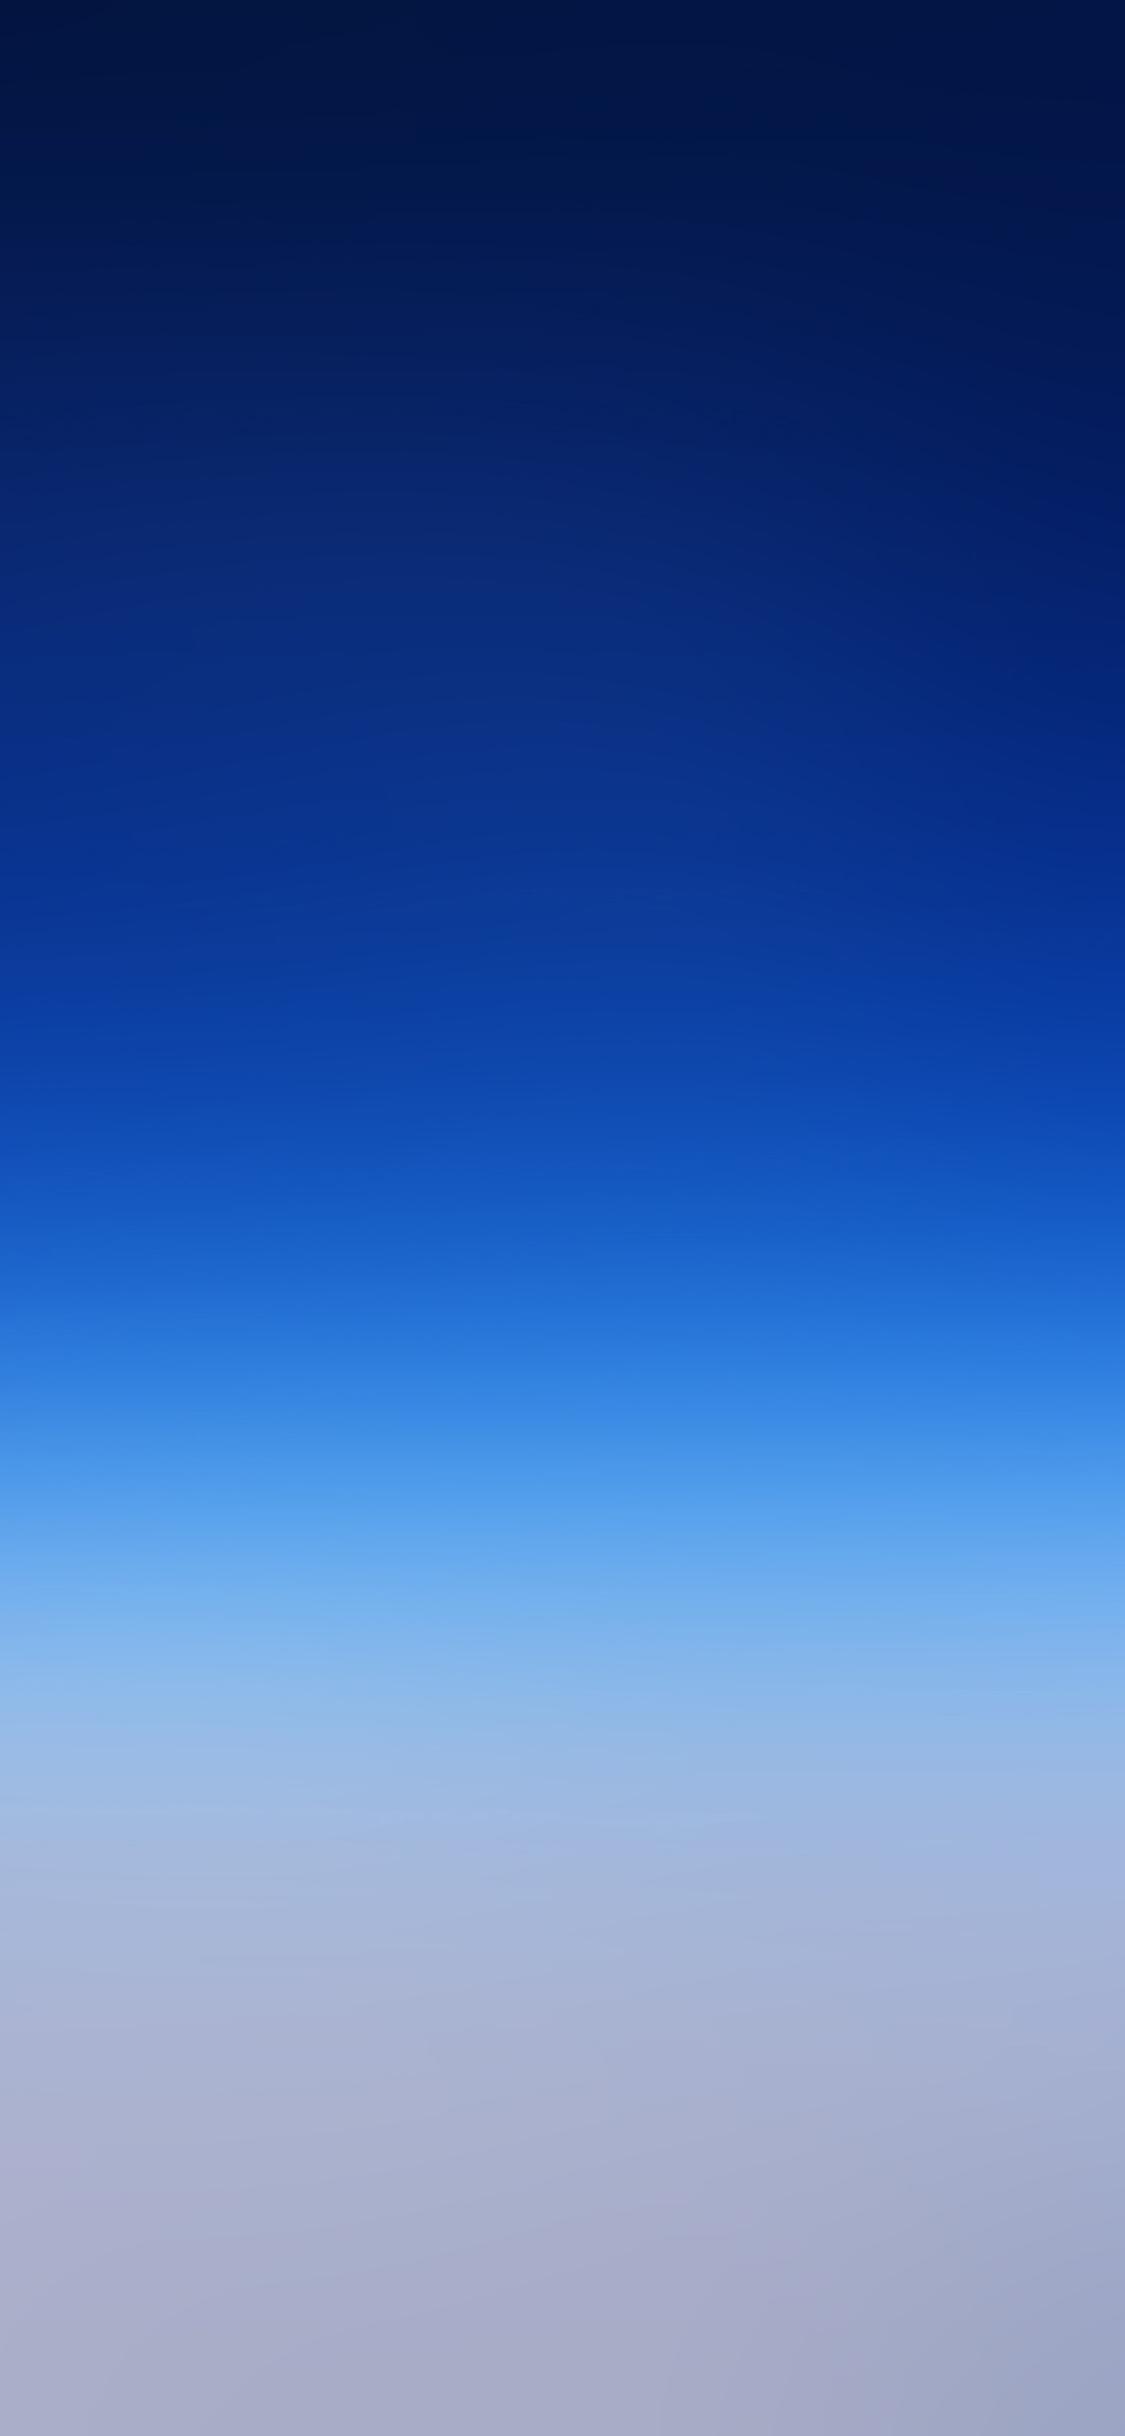 iPhoneXpapers.com-Apple-iPhone-wallpaper-sb56-wallpaper-blue-blue-sky-blur